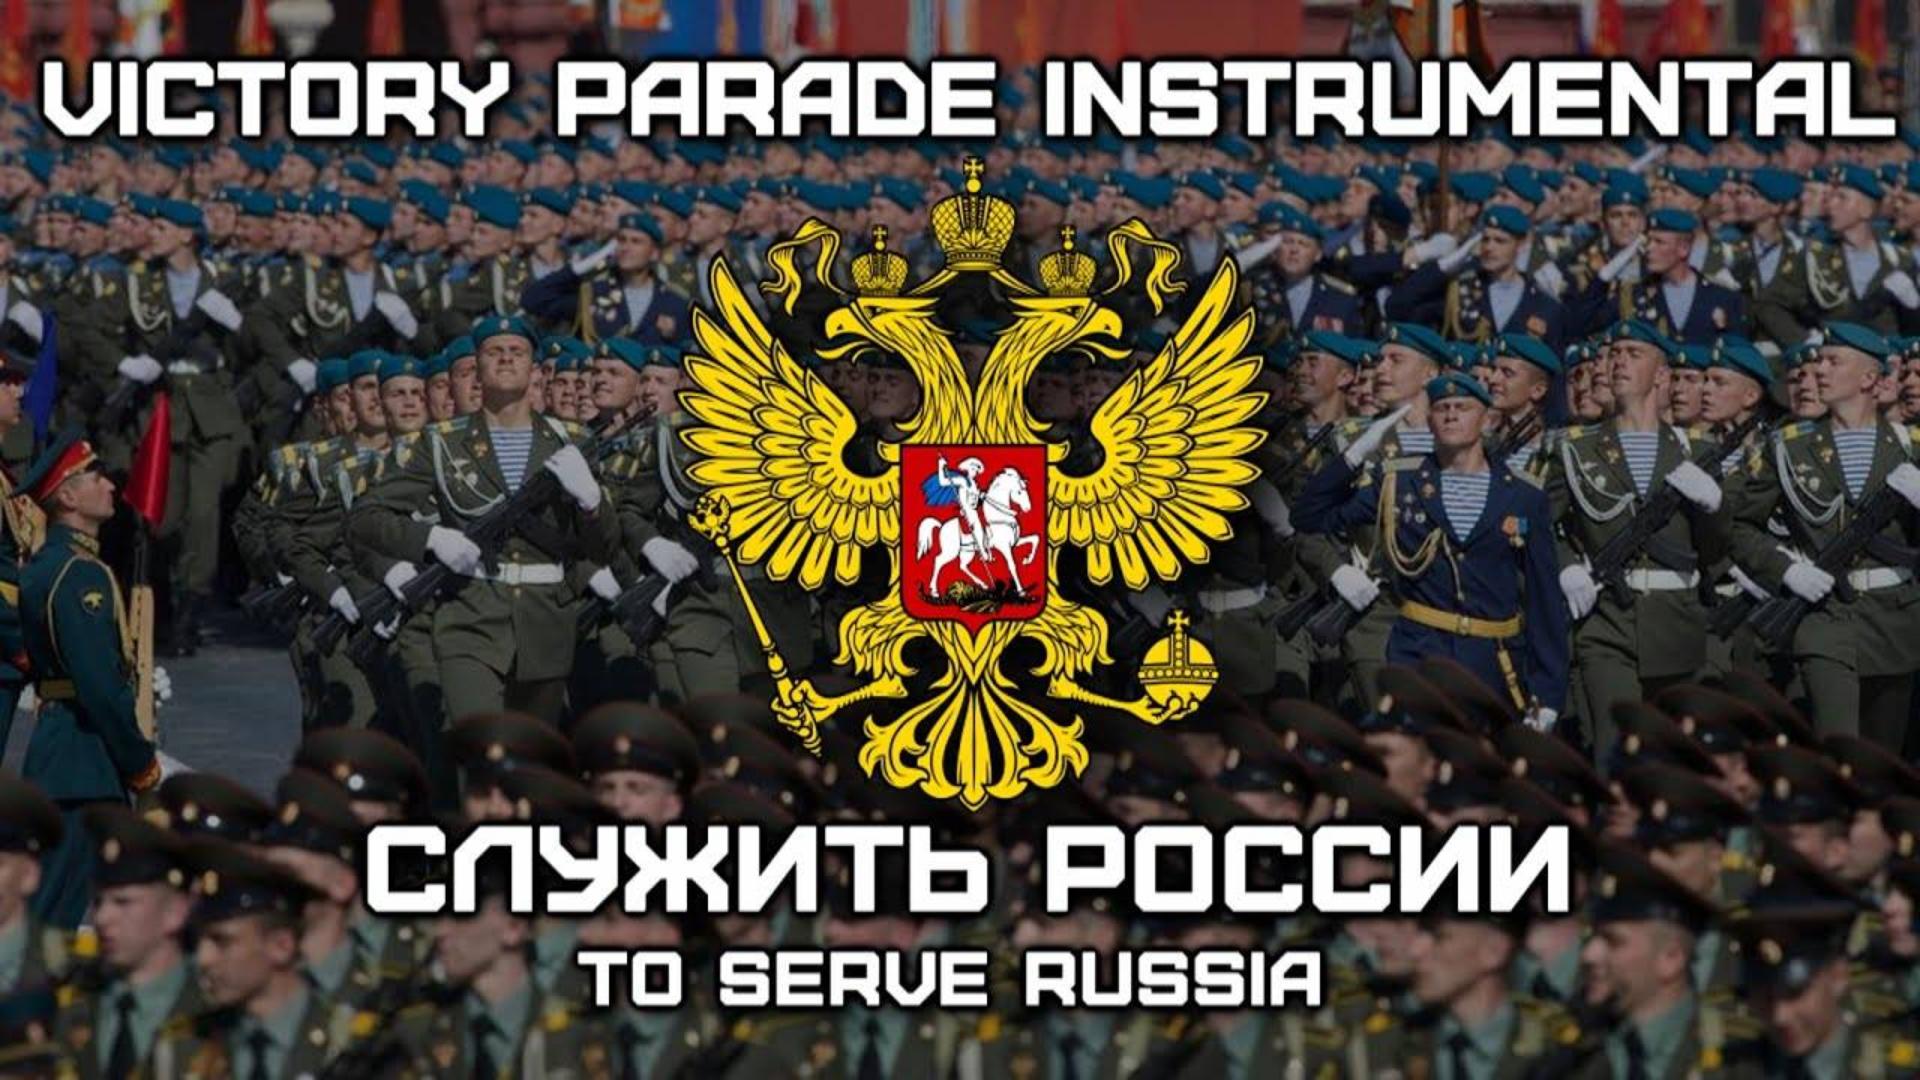 【演奏】为俄罗斯服役(胜利阅兵)